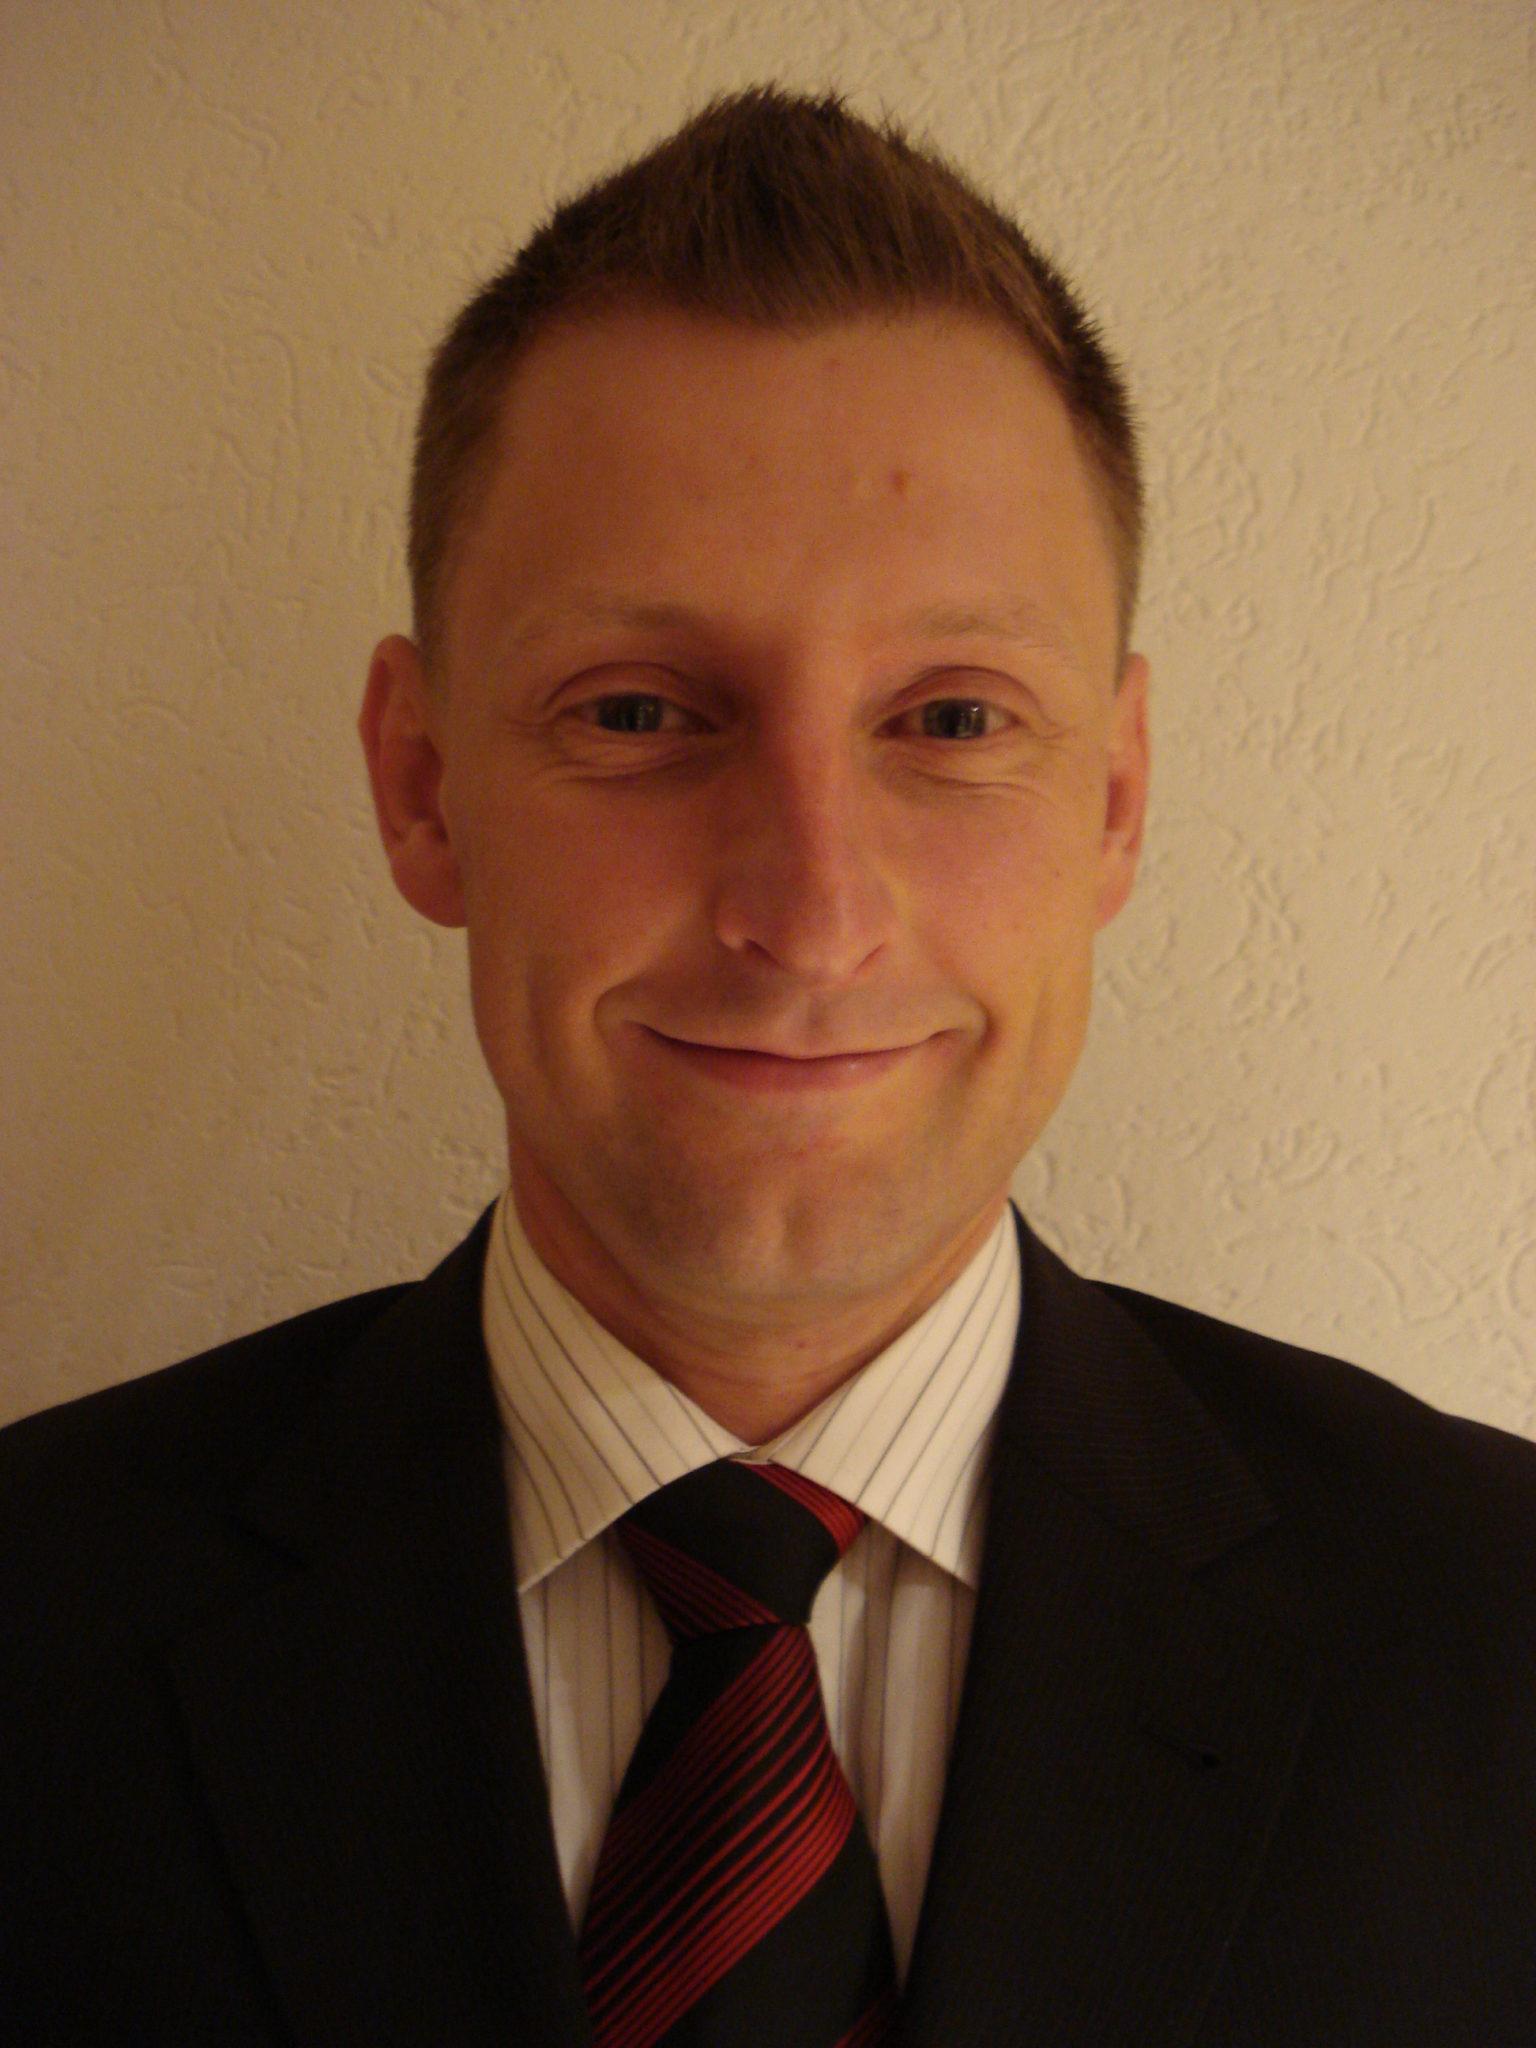 Mario Selz